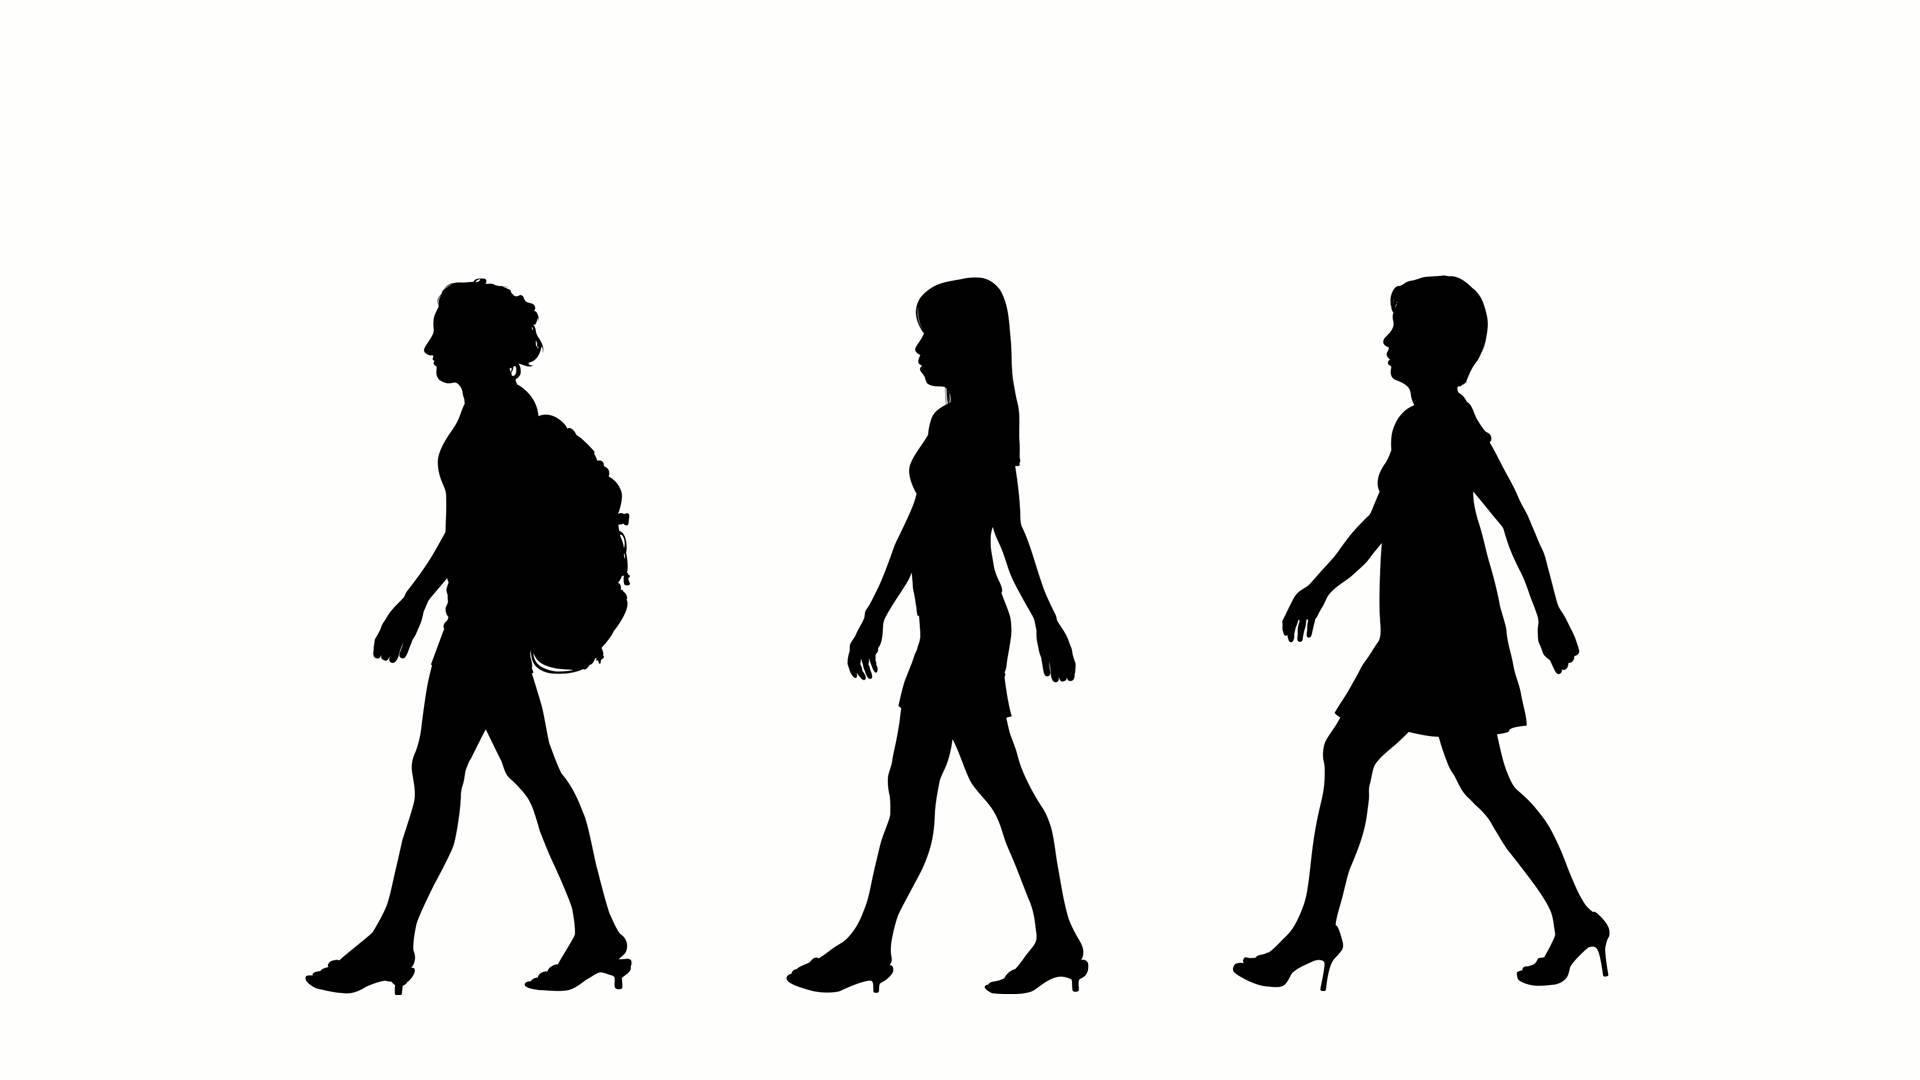 Till dig som ifrågasätter kvinnors erfarenheter: testa att gå i våra skor